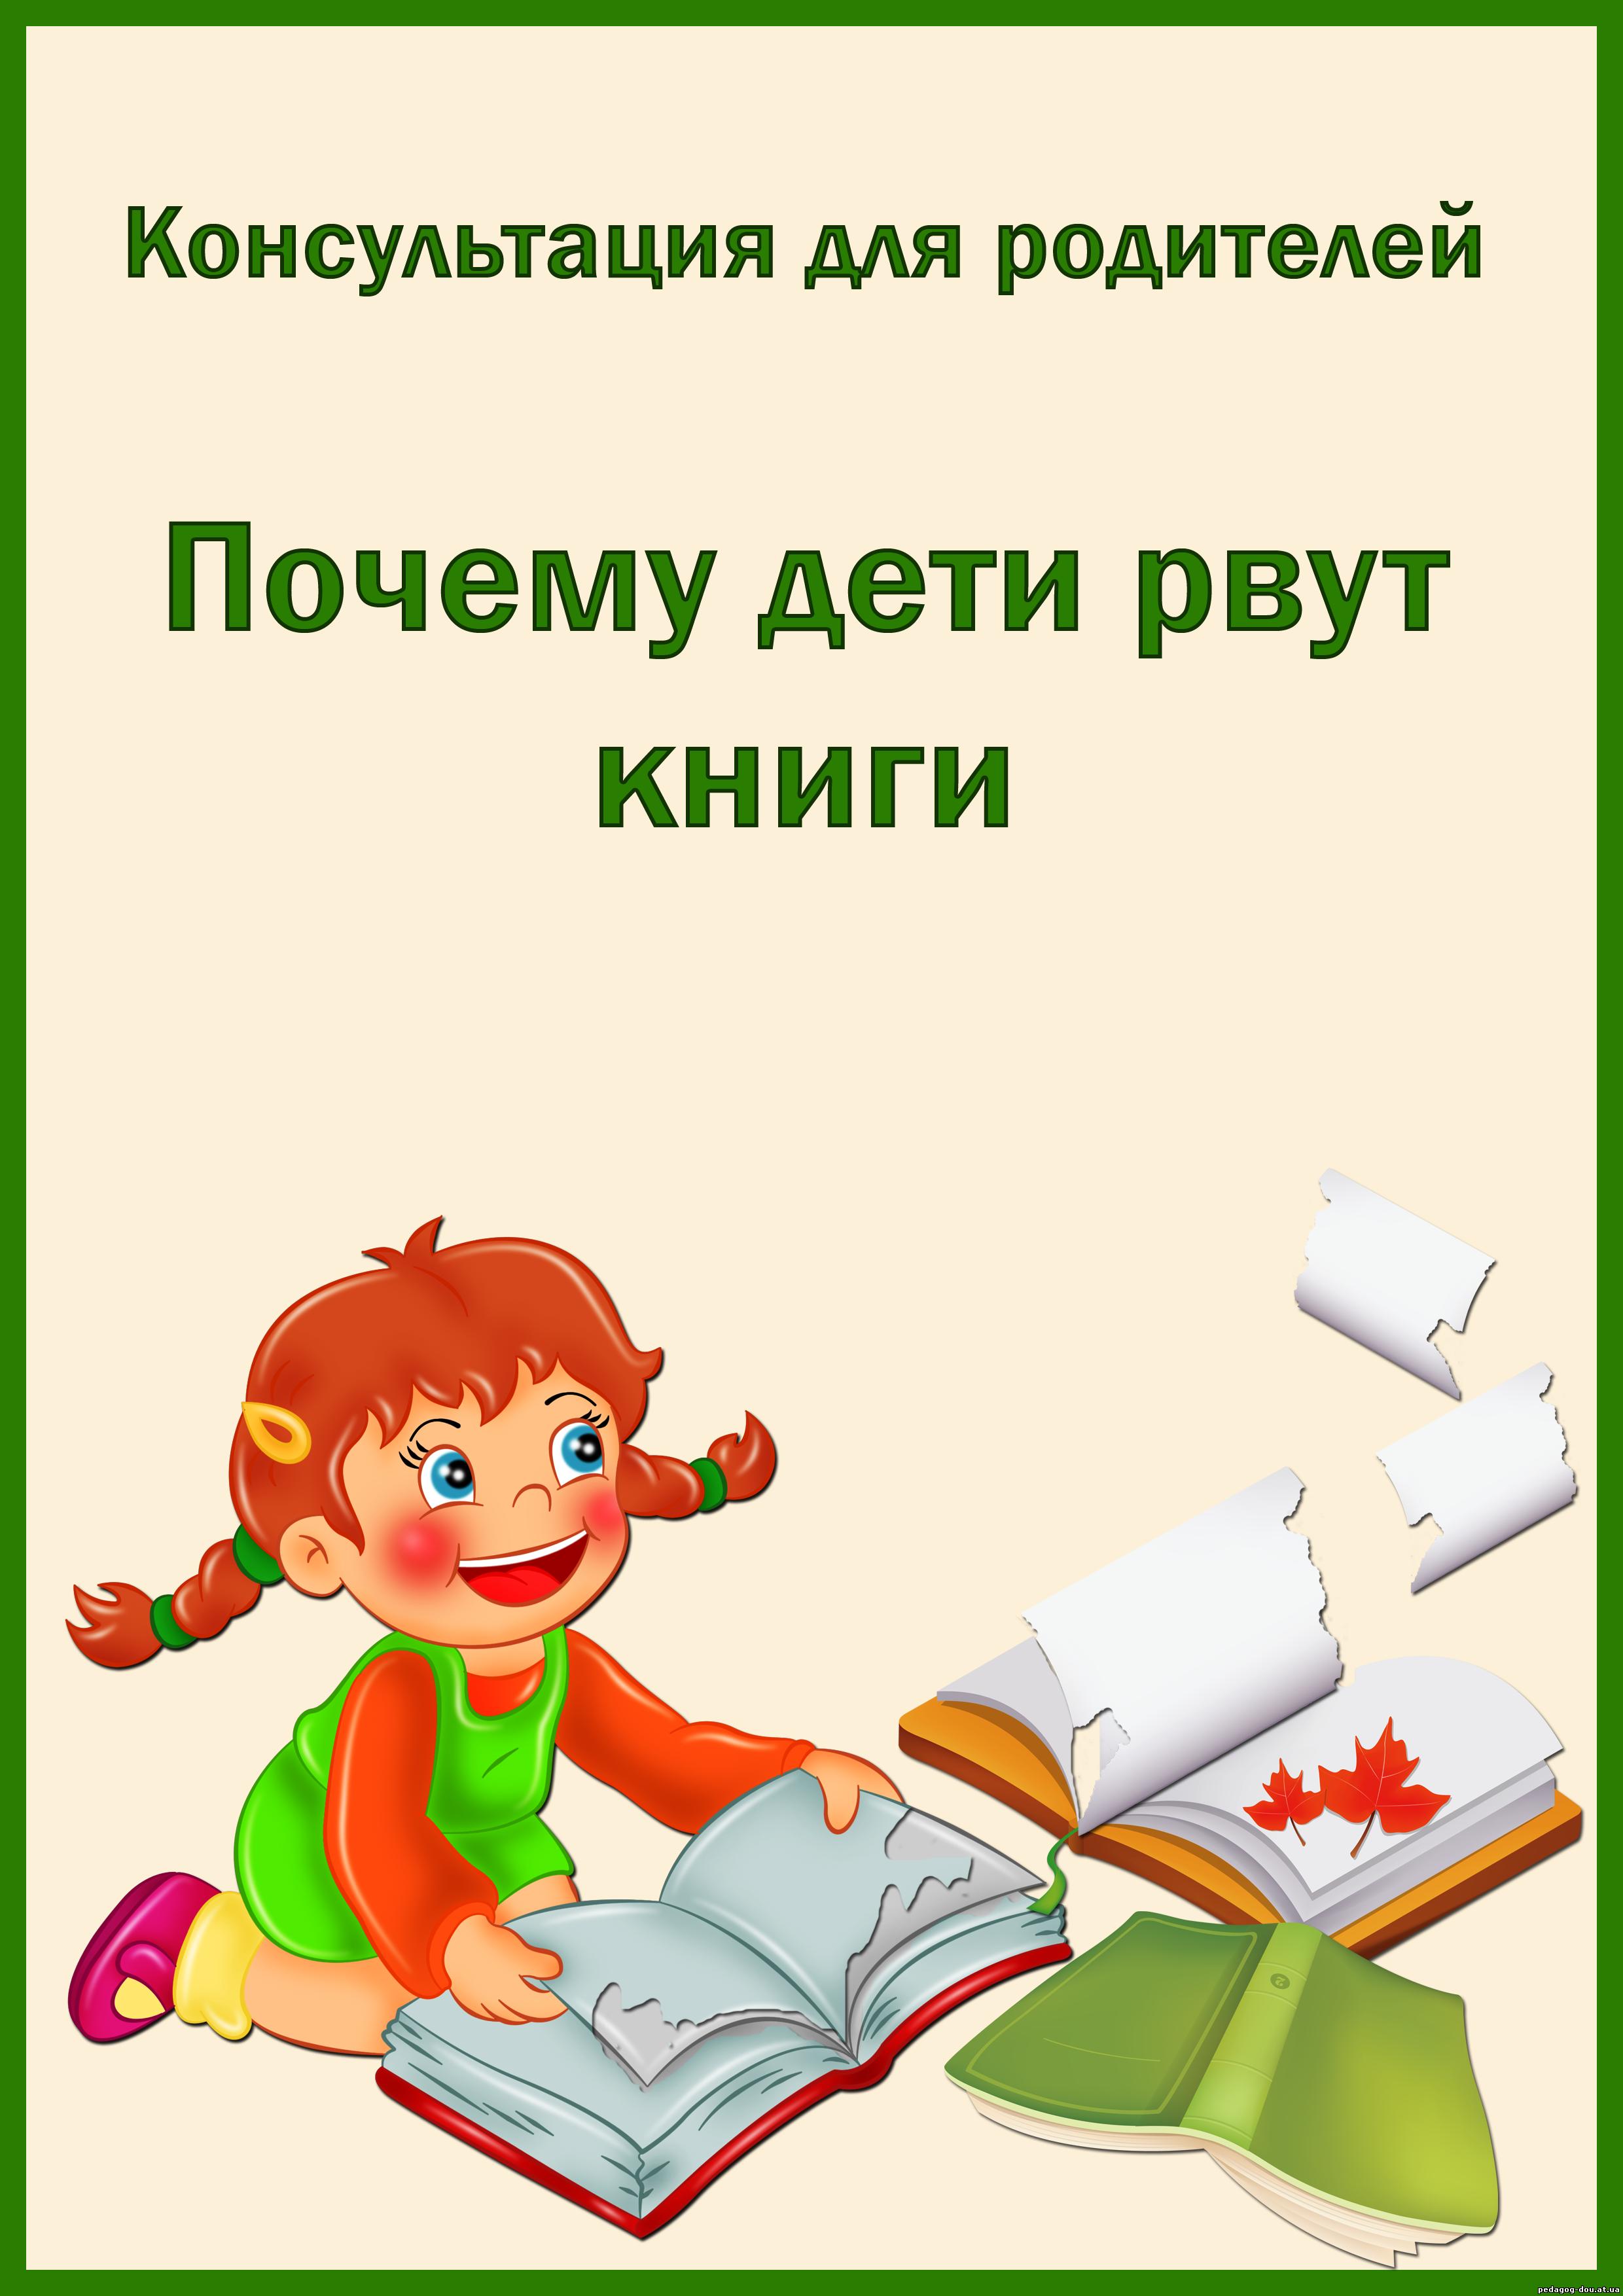 Своими руками, цветная картинка с надписью консультация для родителей